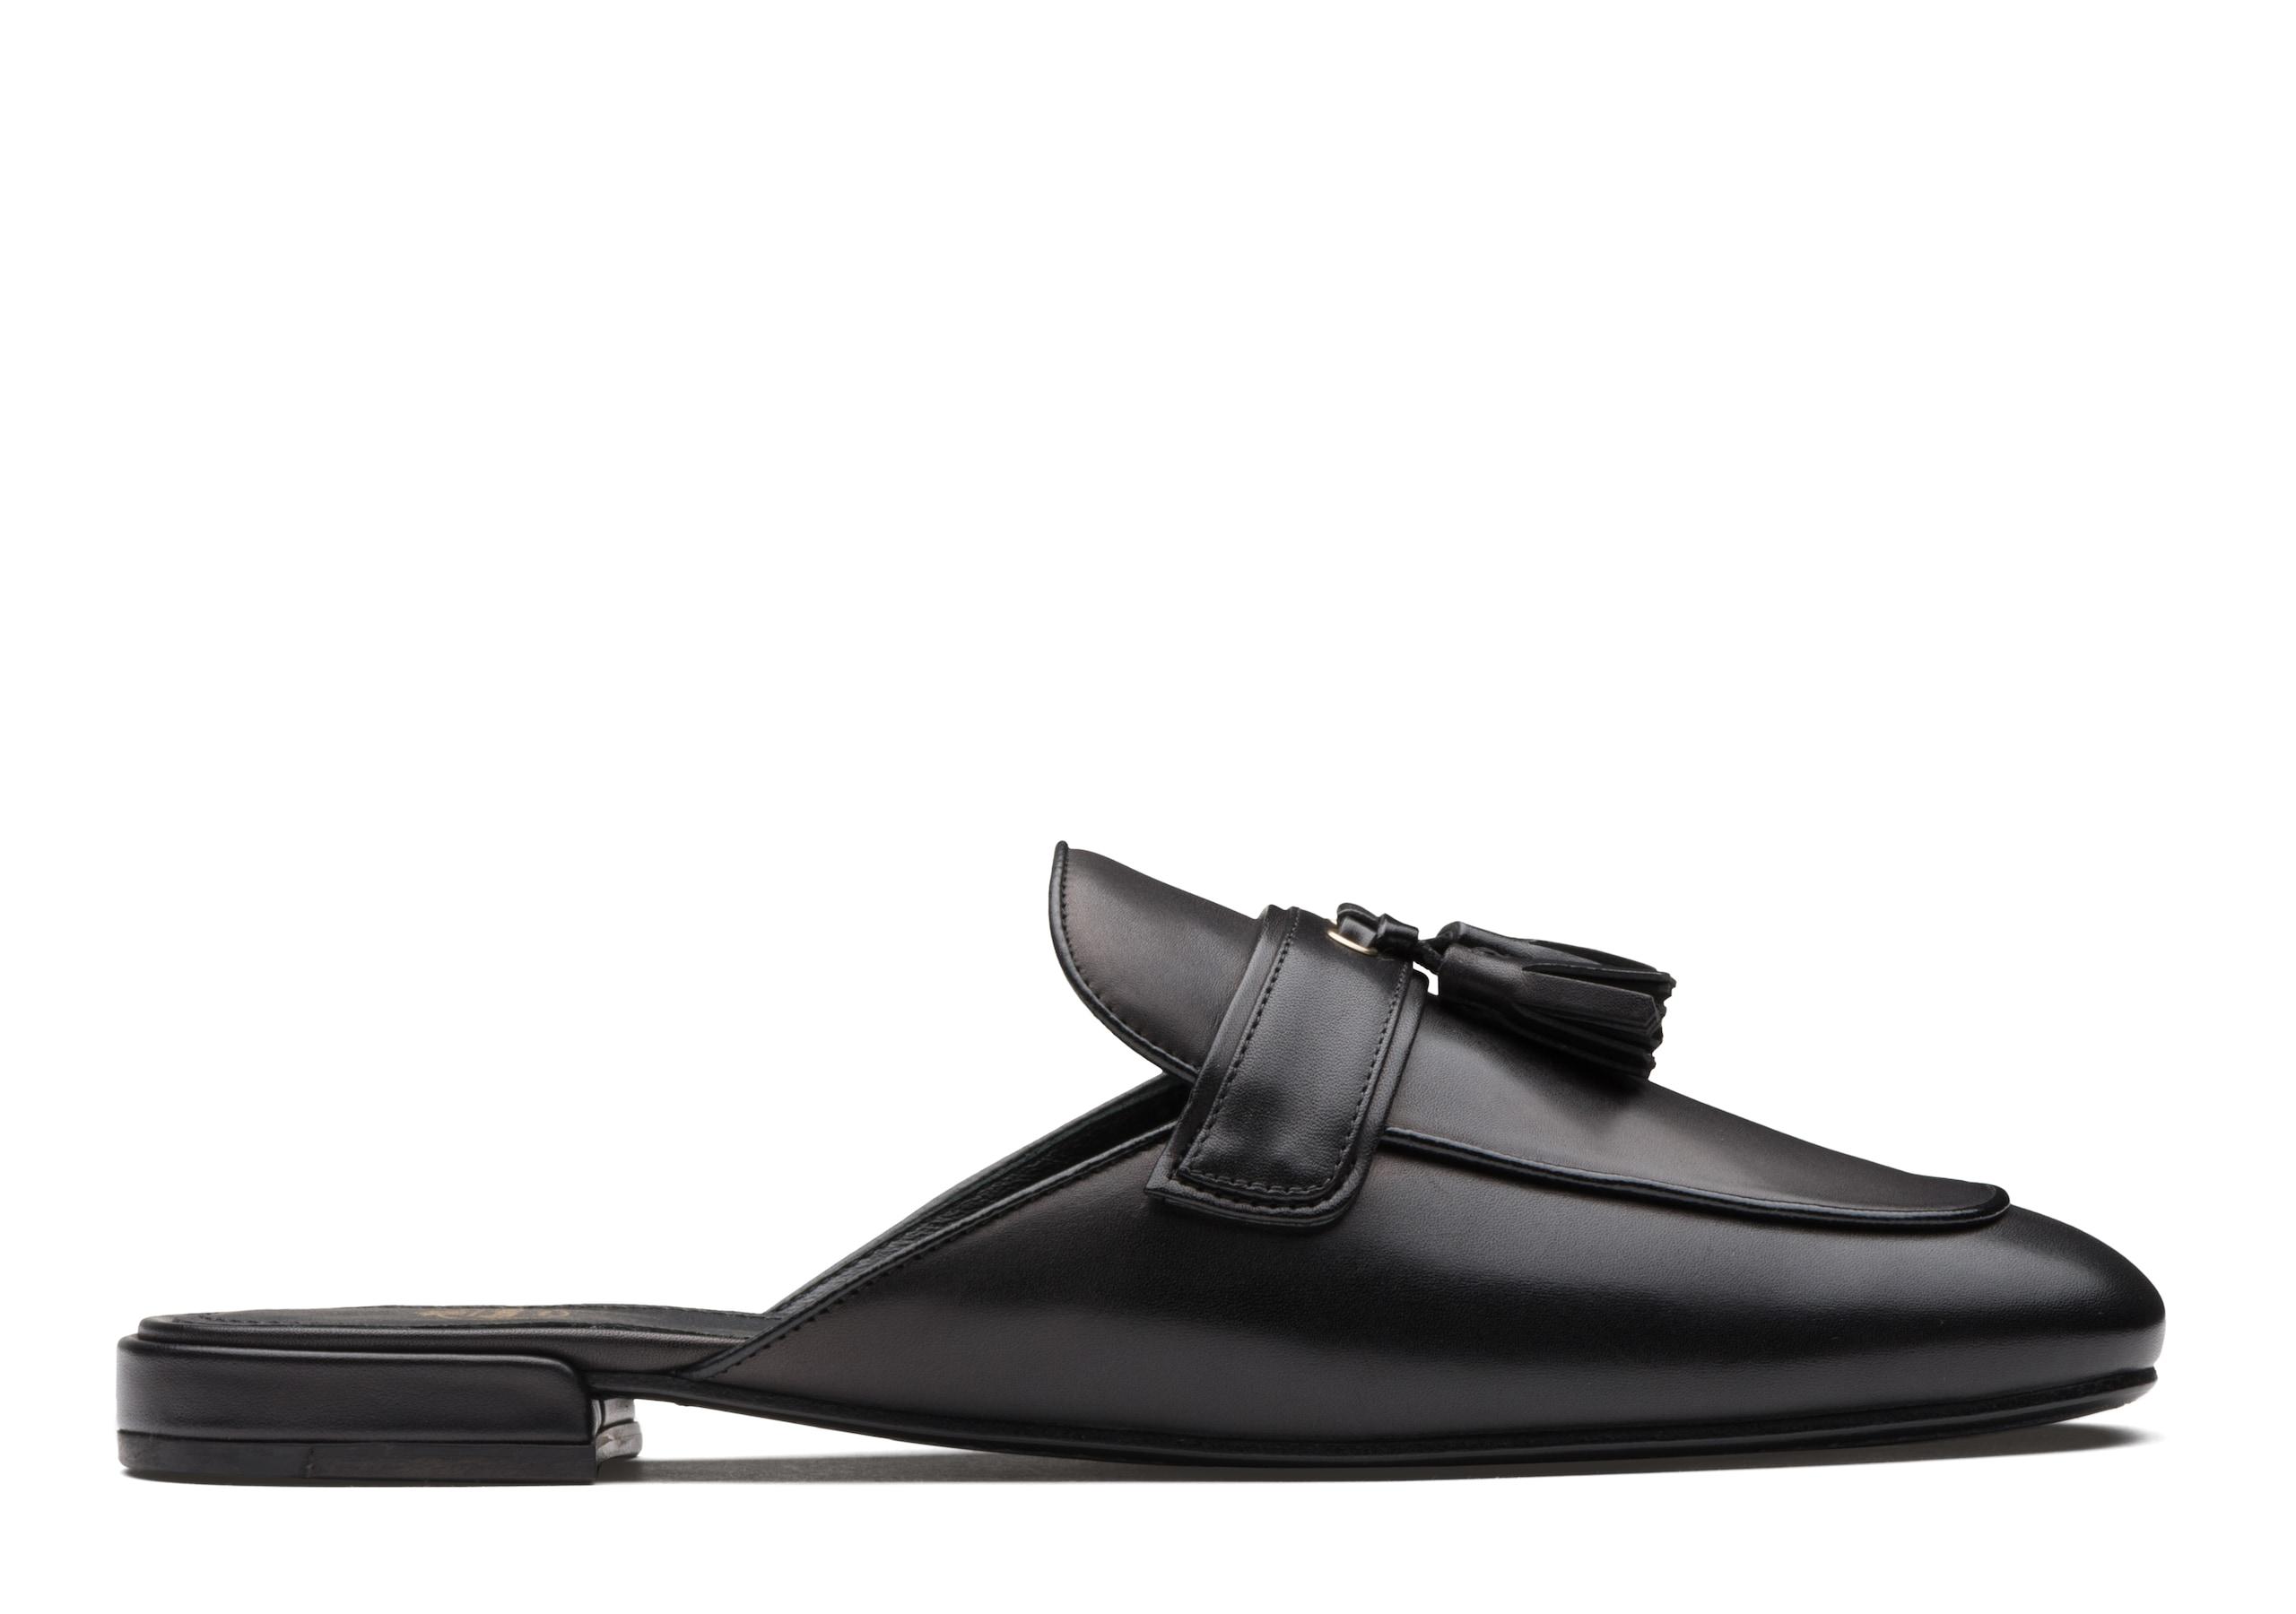 Brigitta Church's Calf Leather Tassel Mule Black